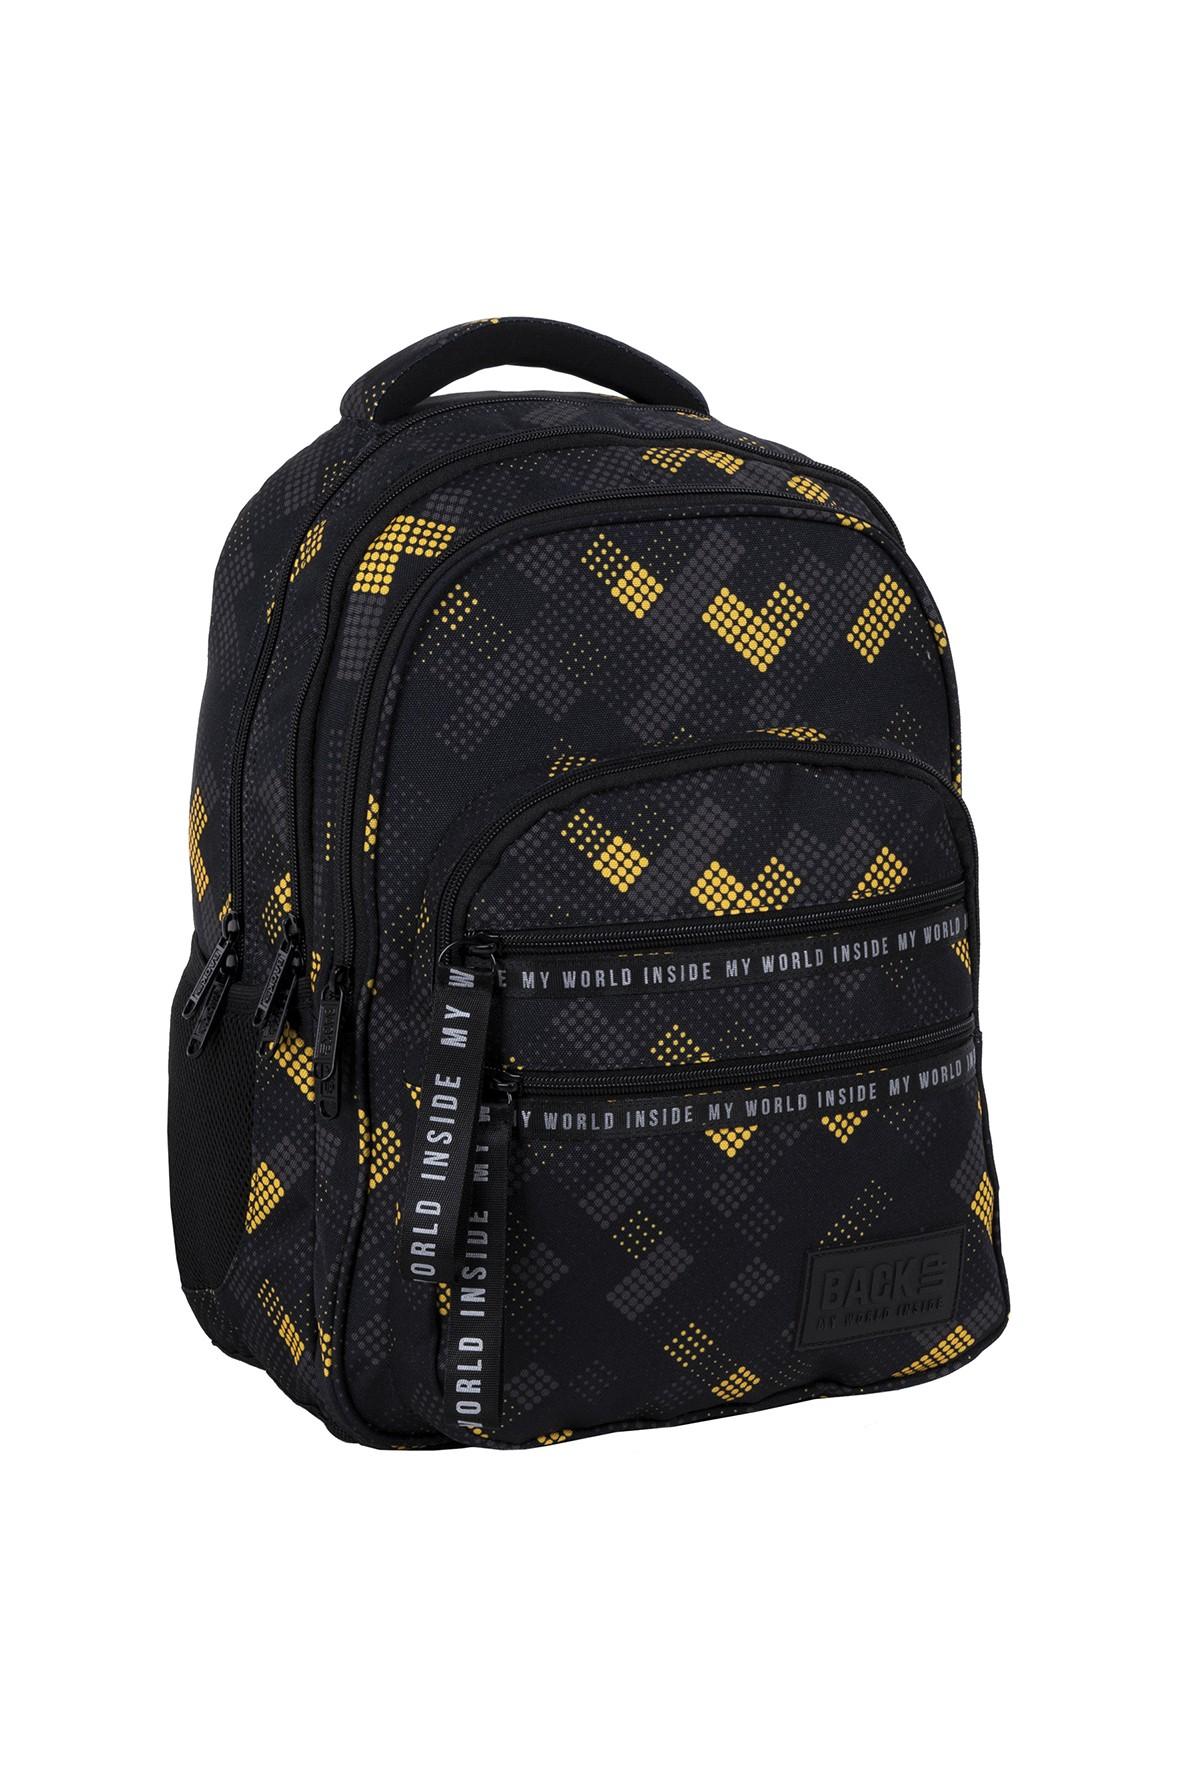 Plecak BackUp chłopięcy z kolorowym wzorem